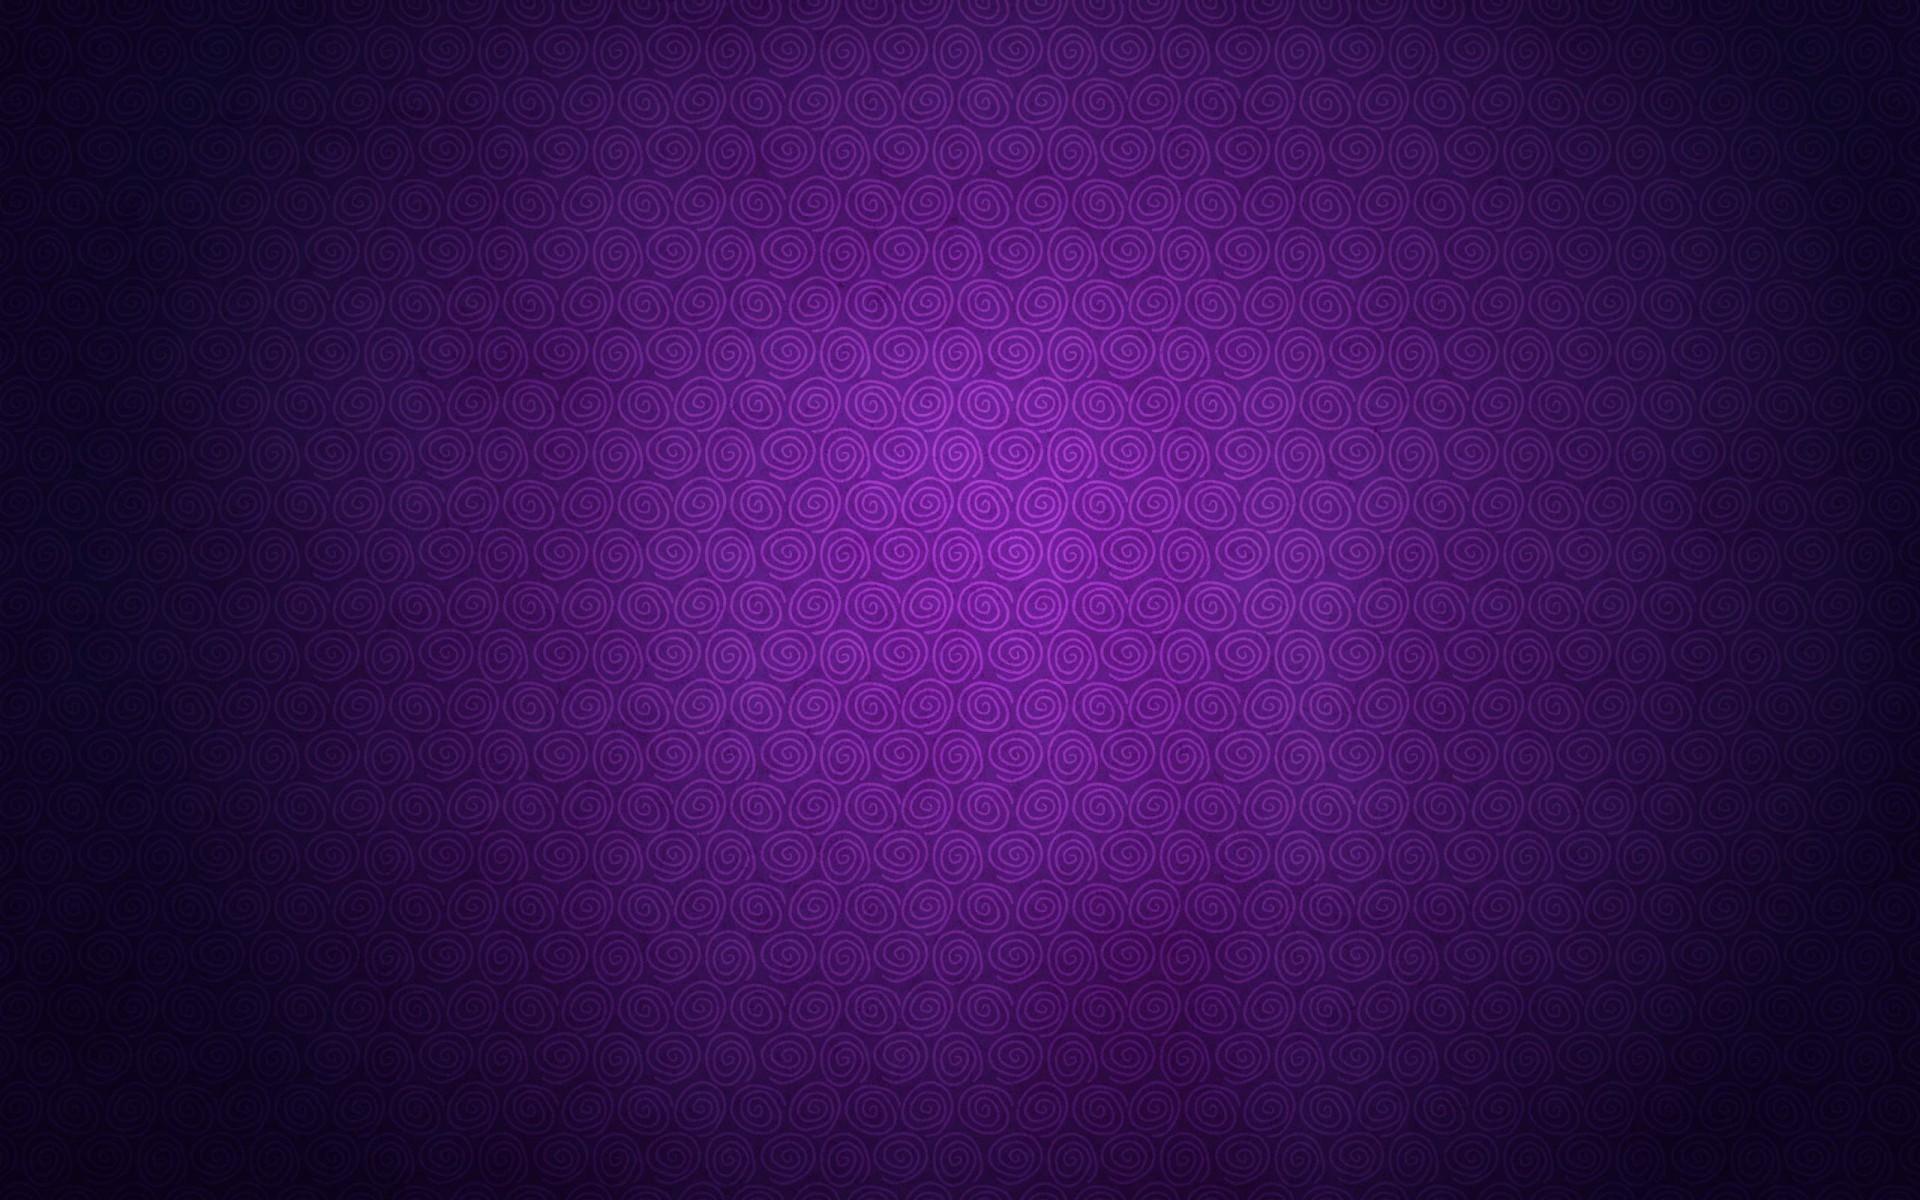 Purple Wallpaper 24